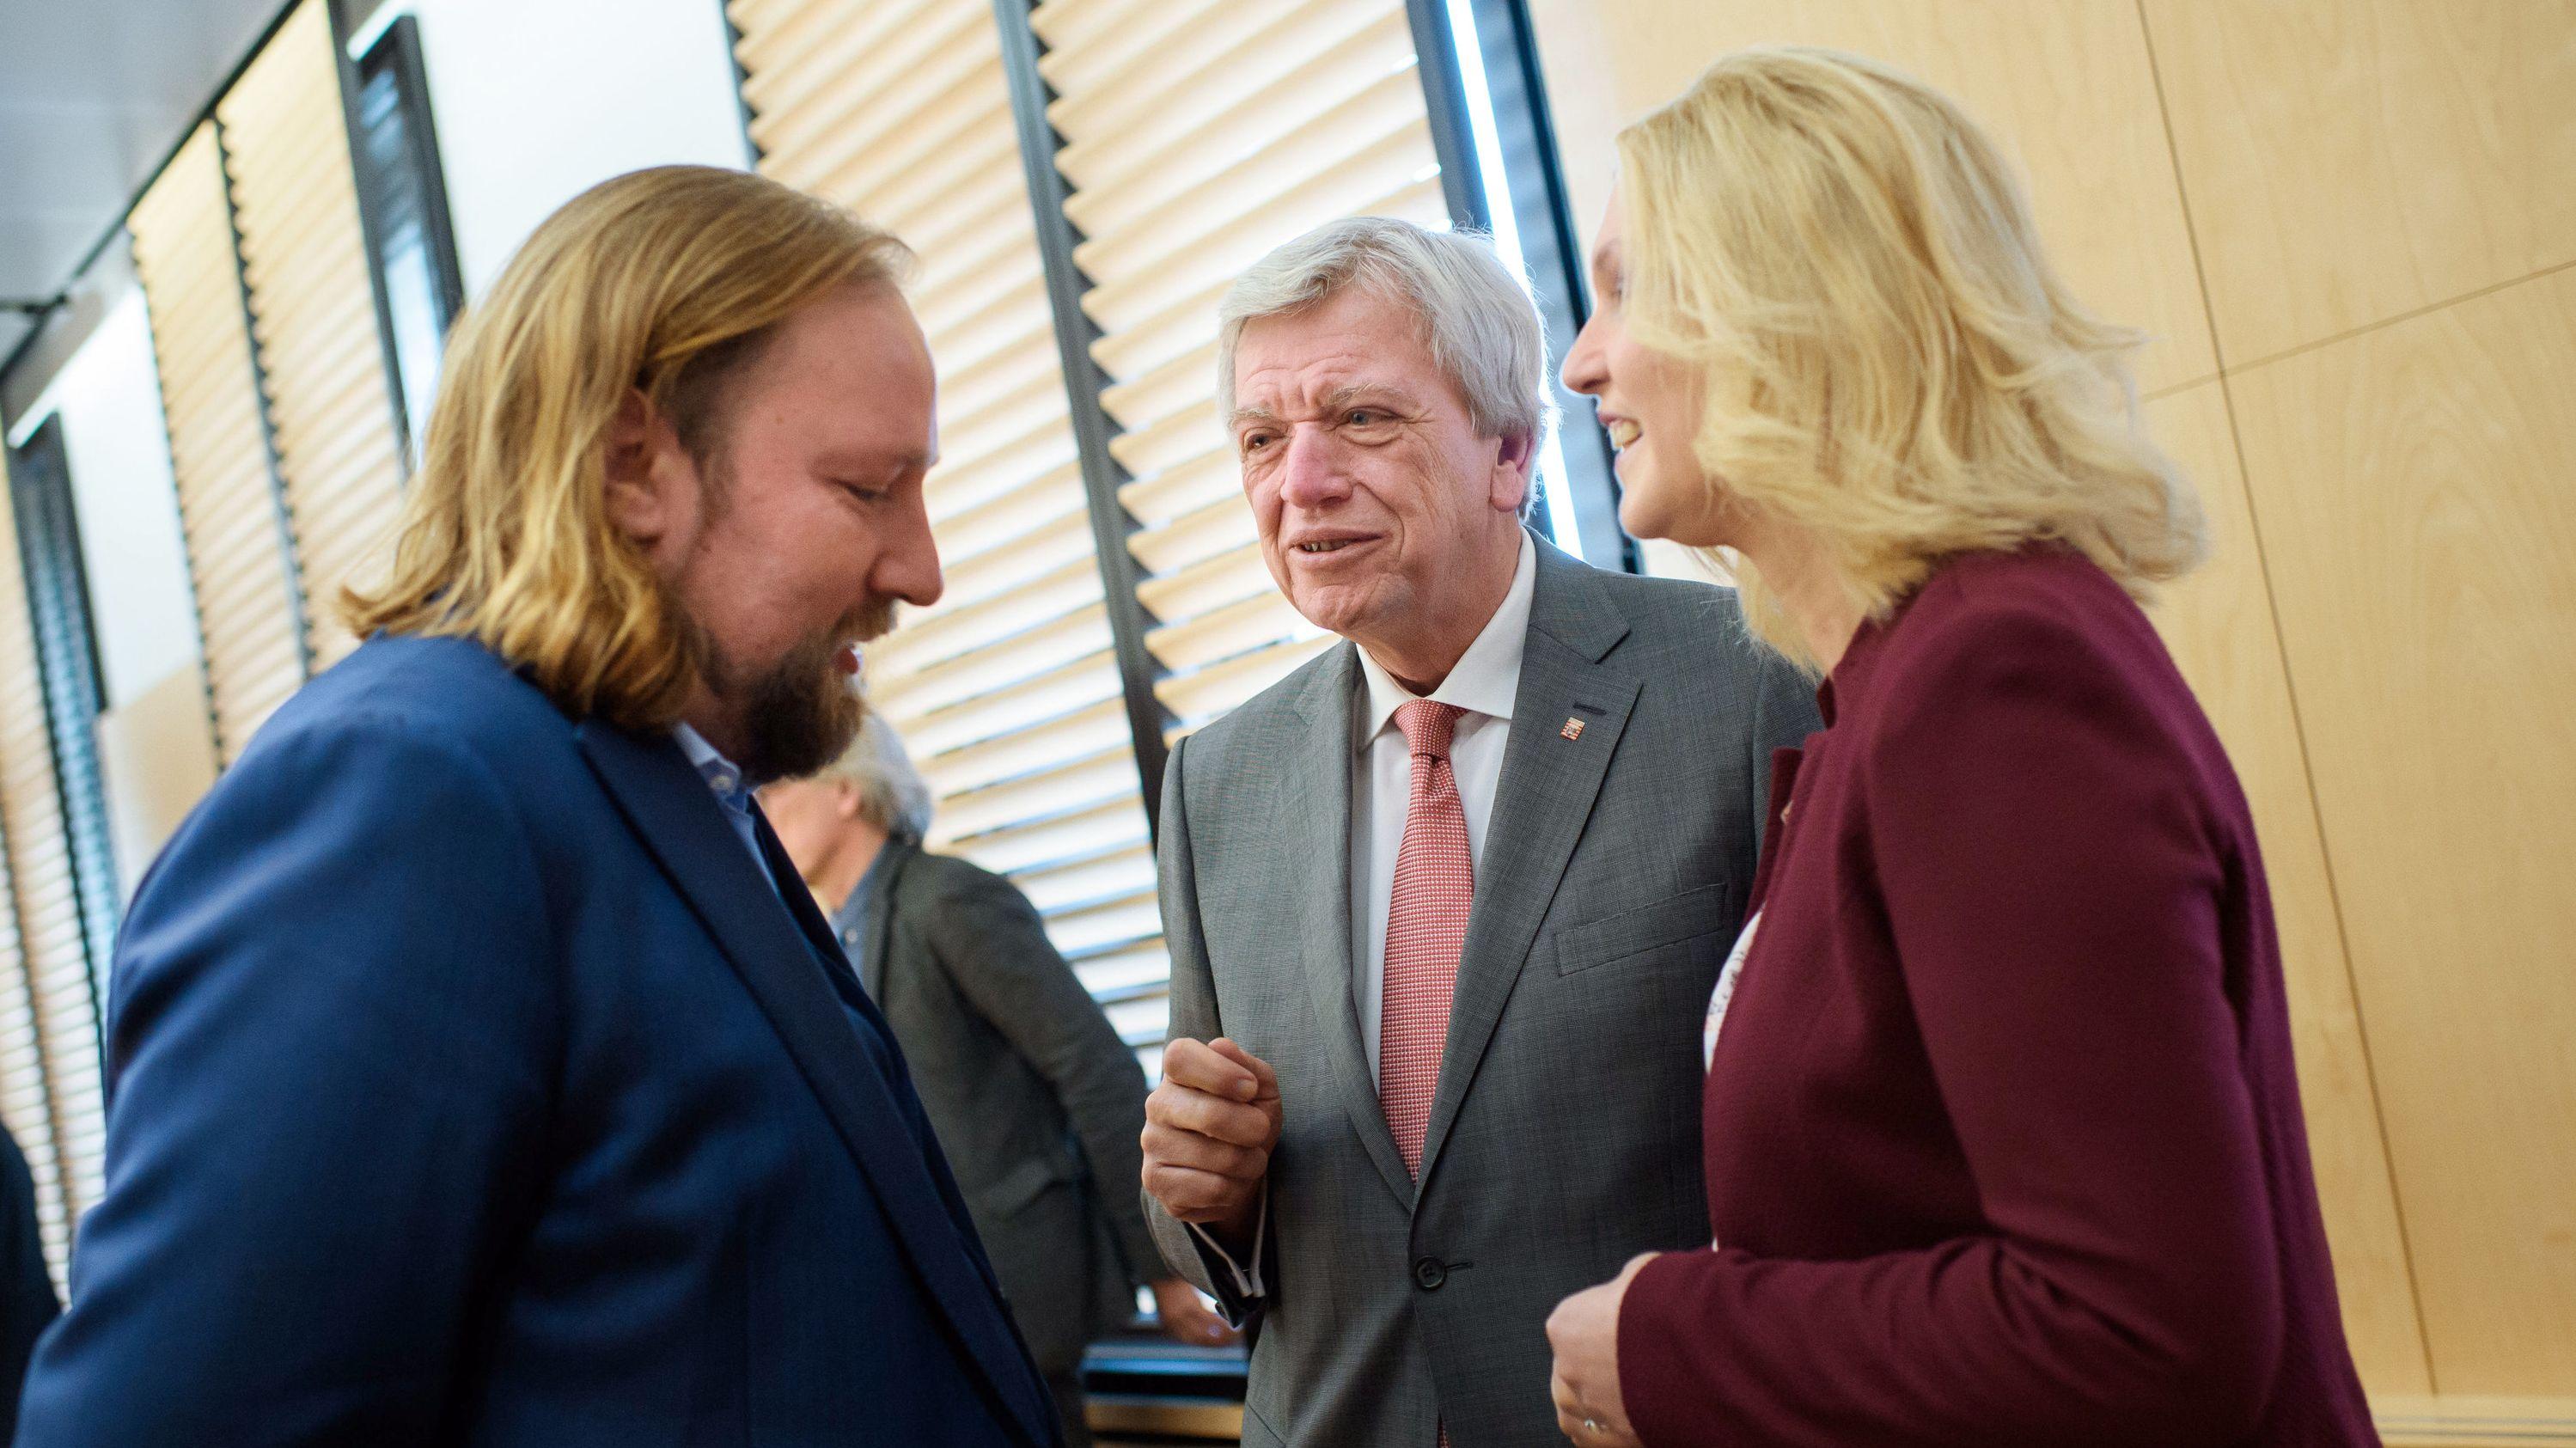 Anton Hofreiter (Bündnis 90/Die Grünen), Volker Bouffier (CDU) und Manuela Schwesig (SPD) unterhalten sich im Vermittlungsausschuss des Bundesrates